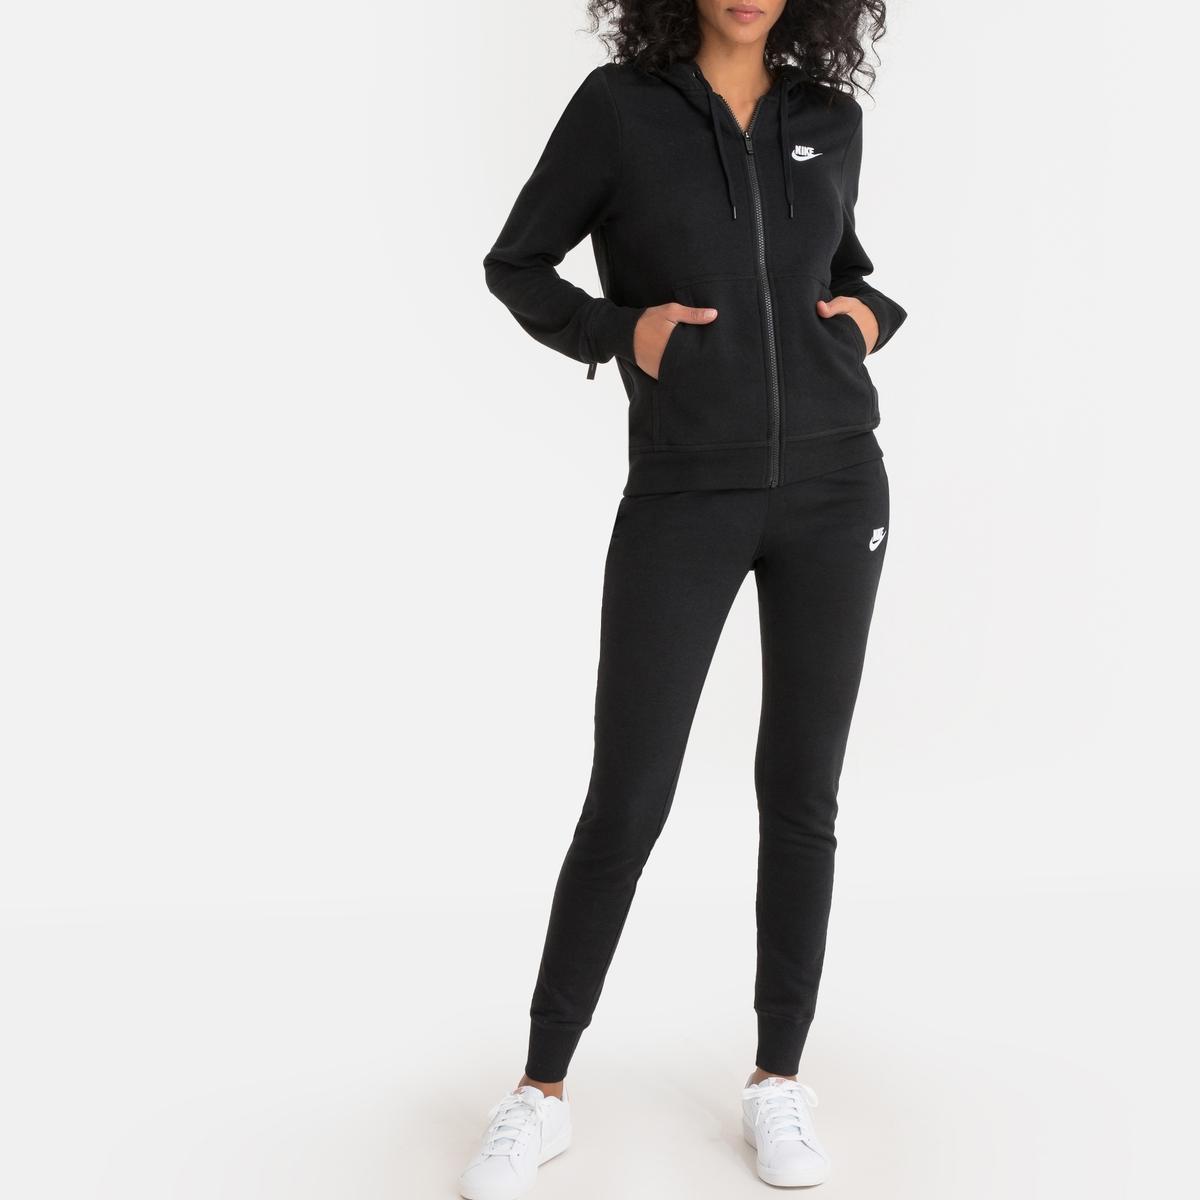 Imagen secundaria de producto de Sudadera con cremallera y capucha Sportswear - Nike